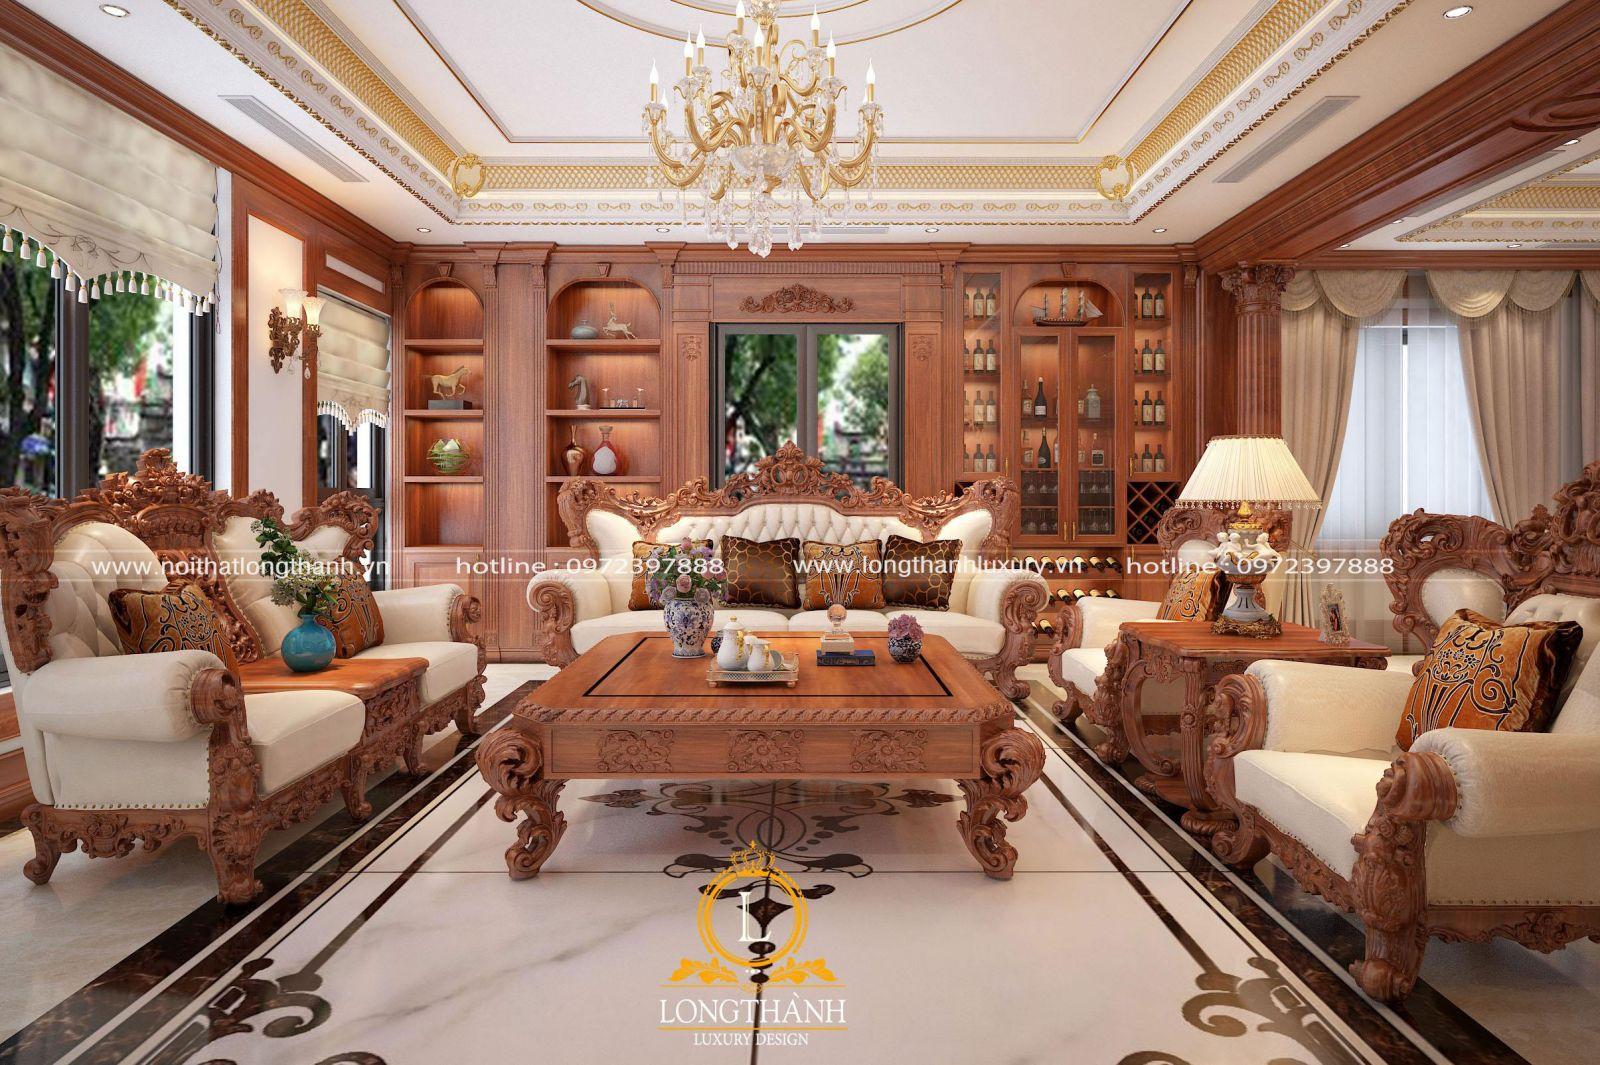 Những cách trang trí cho phòng khách tân cổ điển thêm đẹp lộng lẫy